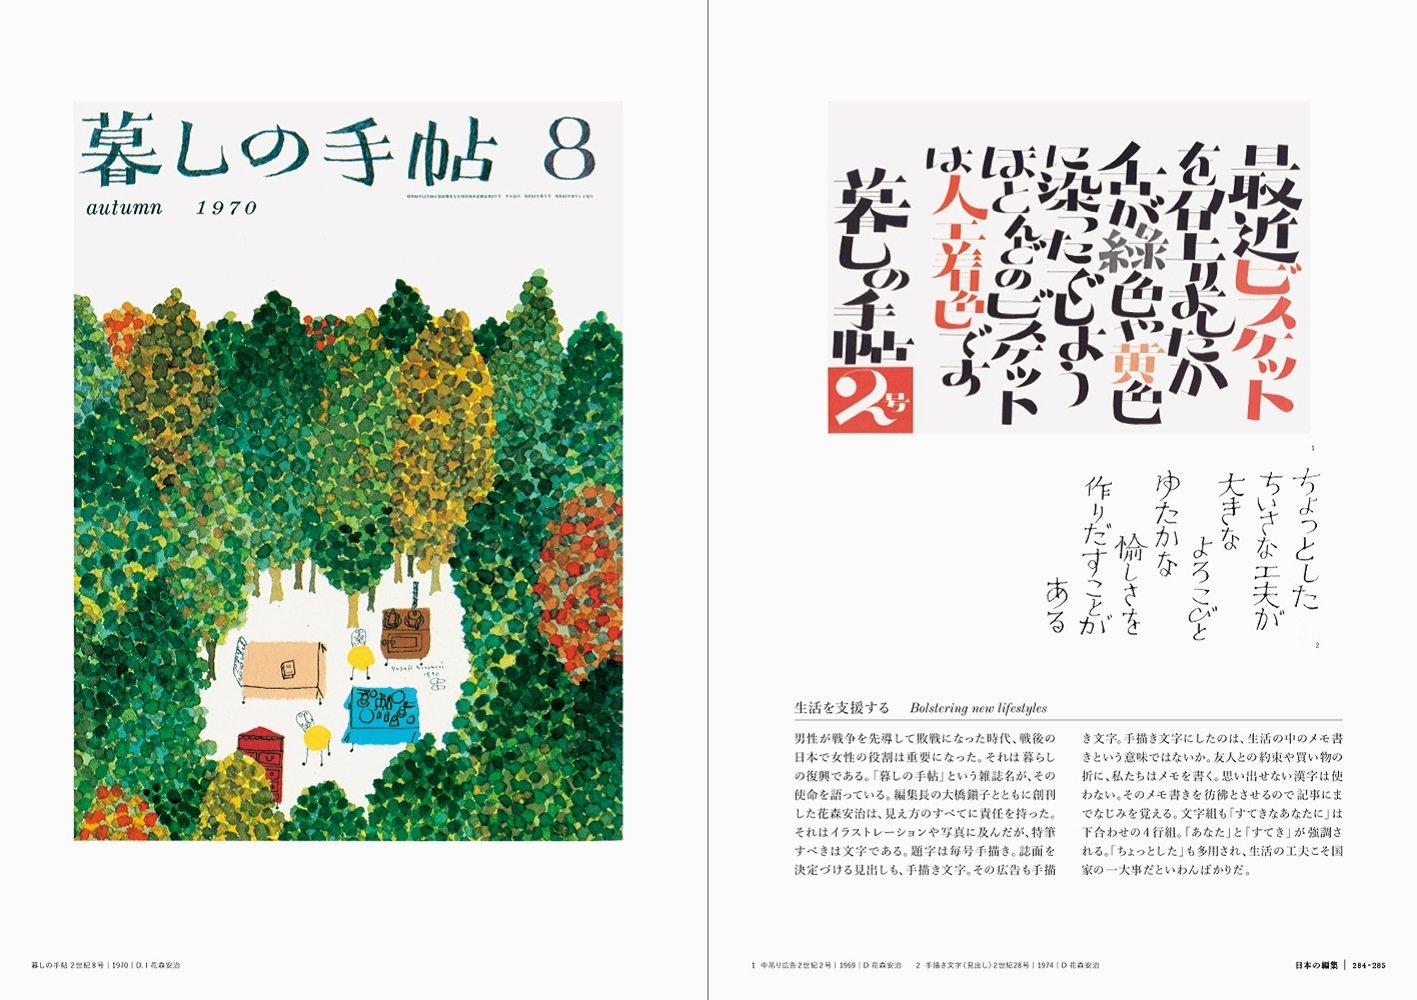 美術 大学 戸田 真琴 多摩